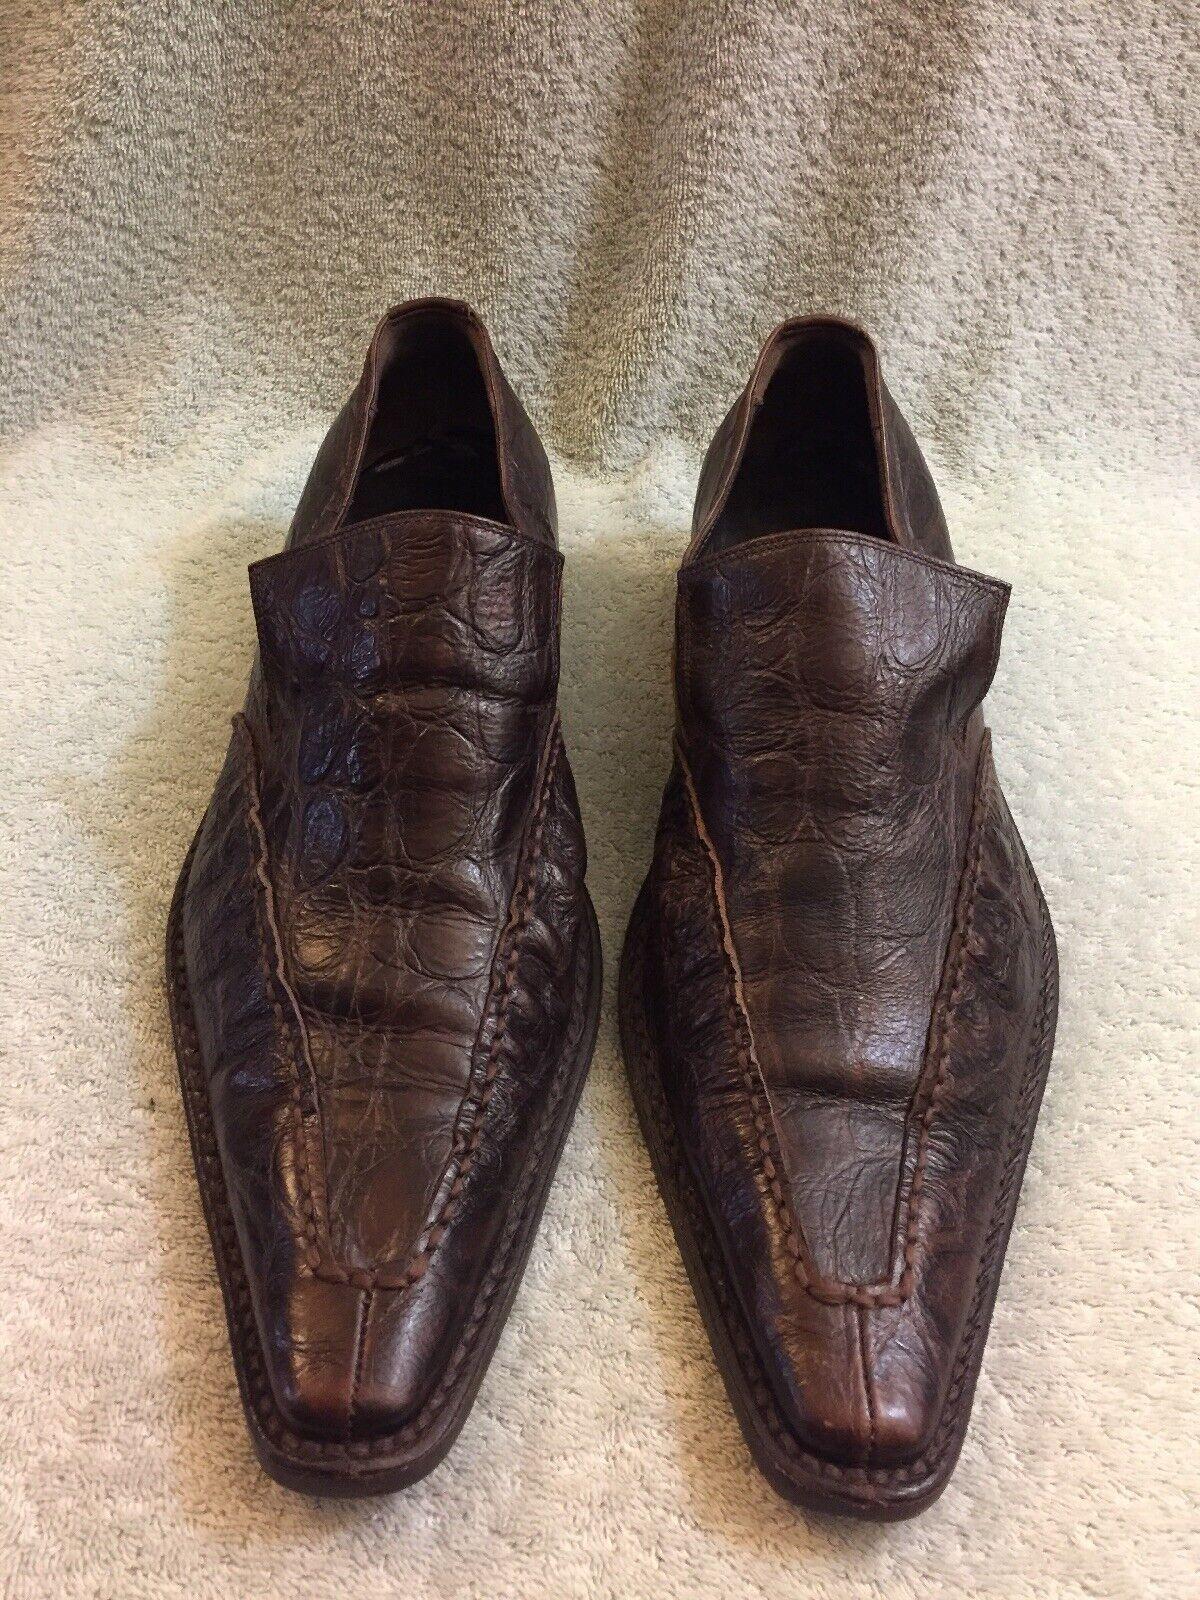 Roberto Guerrini Cocodrilo Slip On Marrón Zapatos para hombre Talla 43.5 US 10 Zapatos únicos